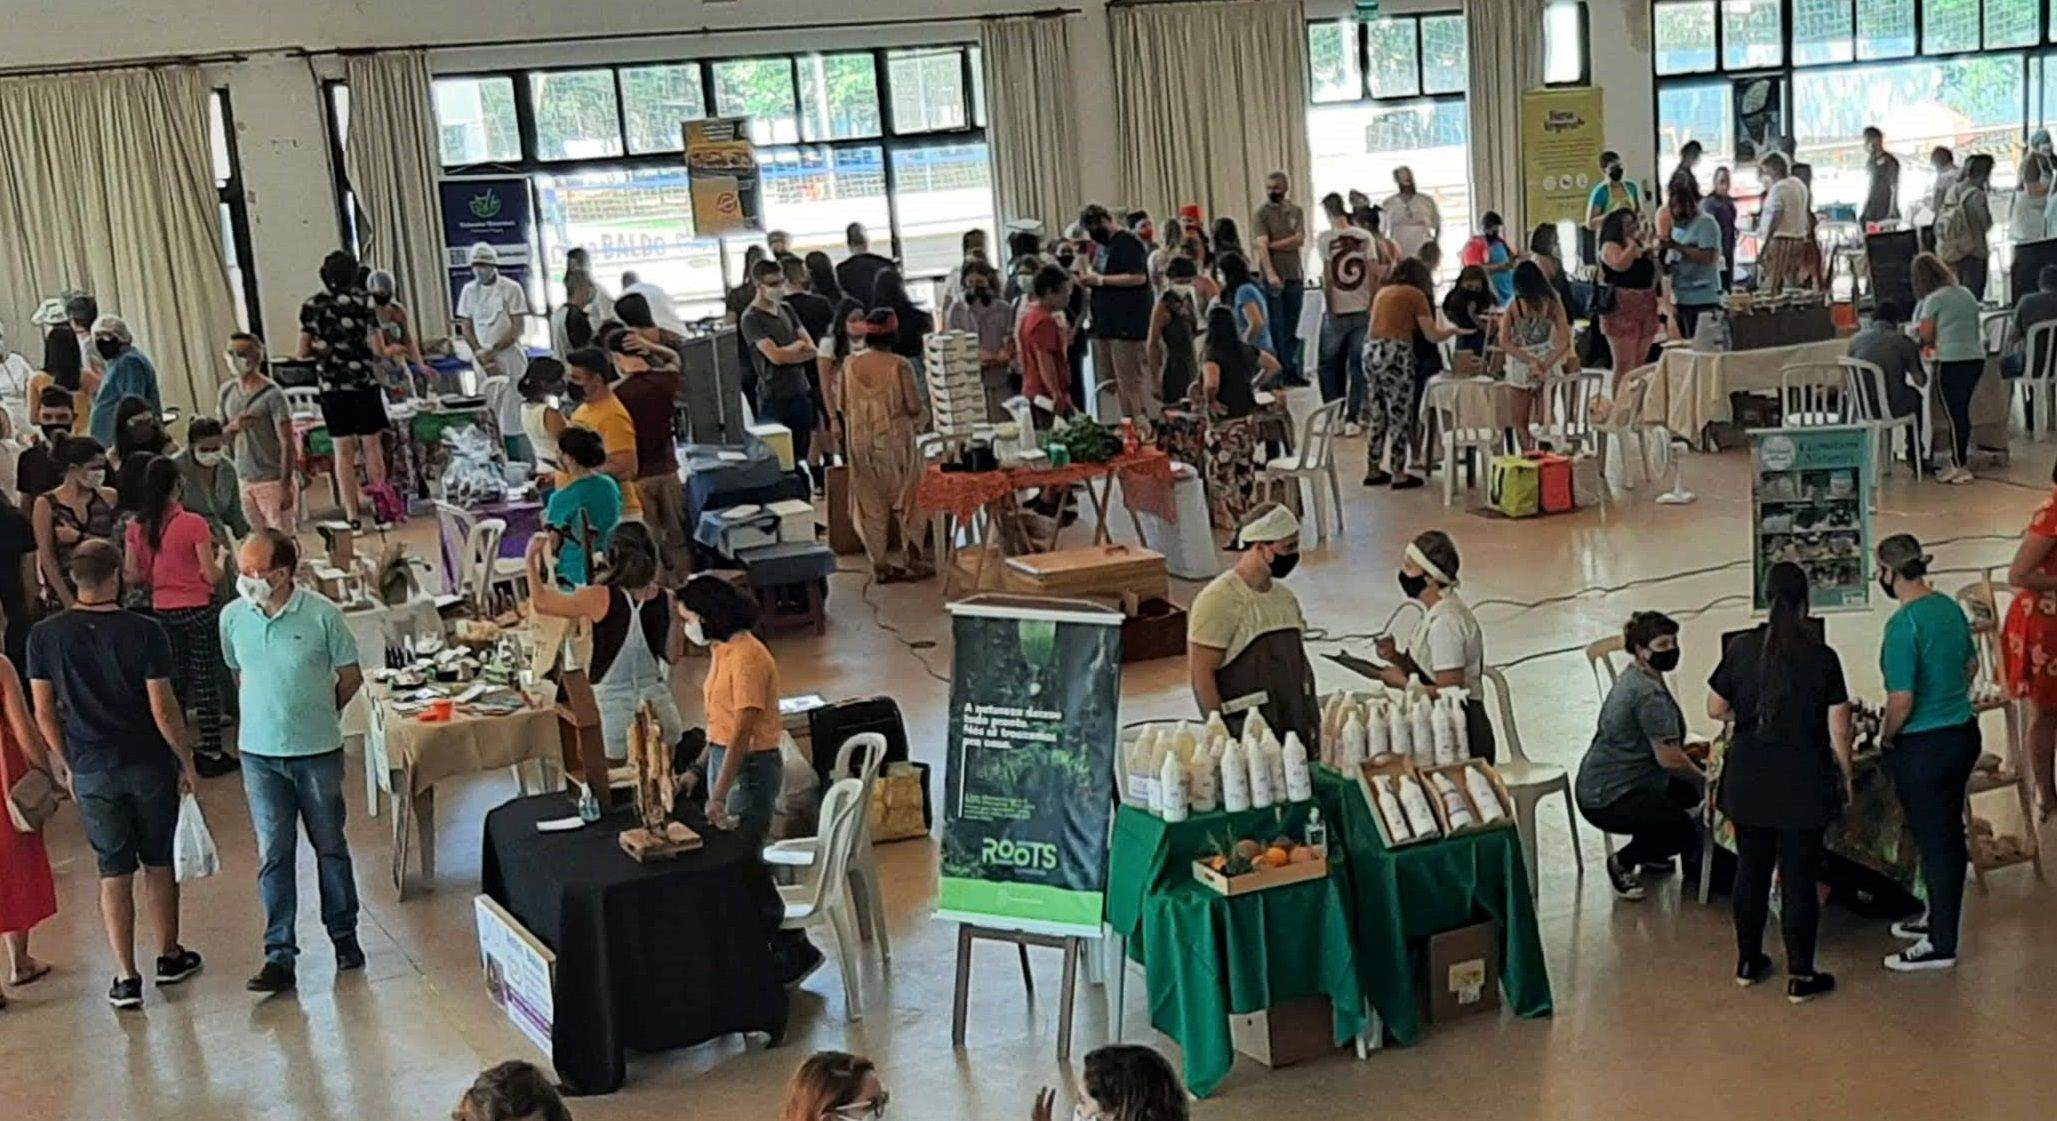 Revide, Feira Veg de Ribeirão Preto tem data marcada para a 9ª edição, feira, vegana, animais, ribeirão preto, veganismo, edição, programação, vegribeirão